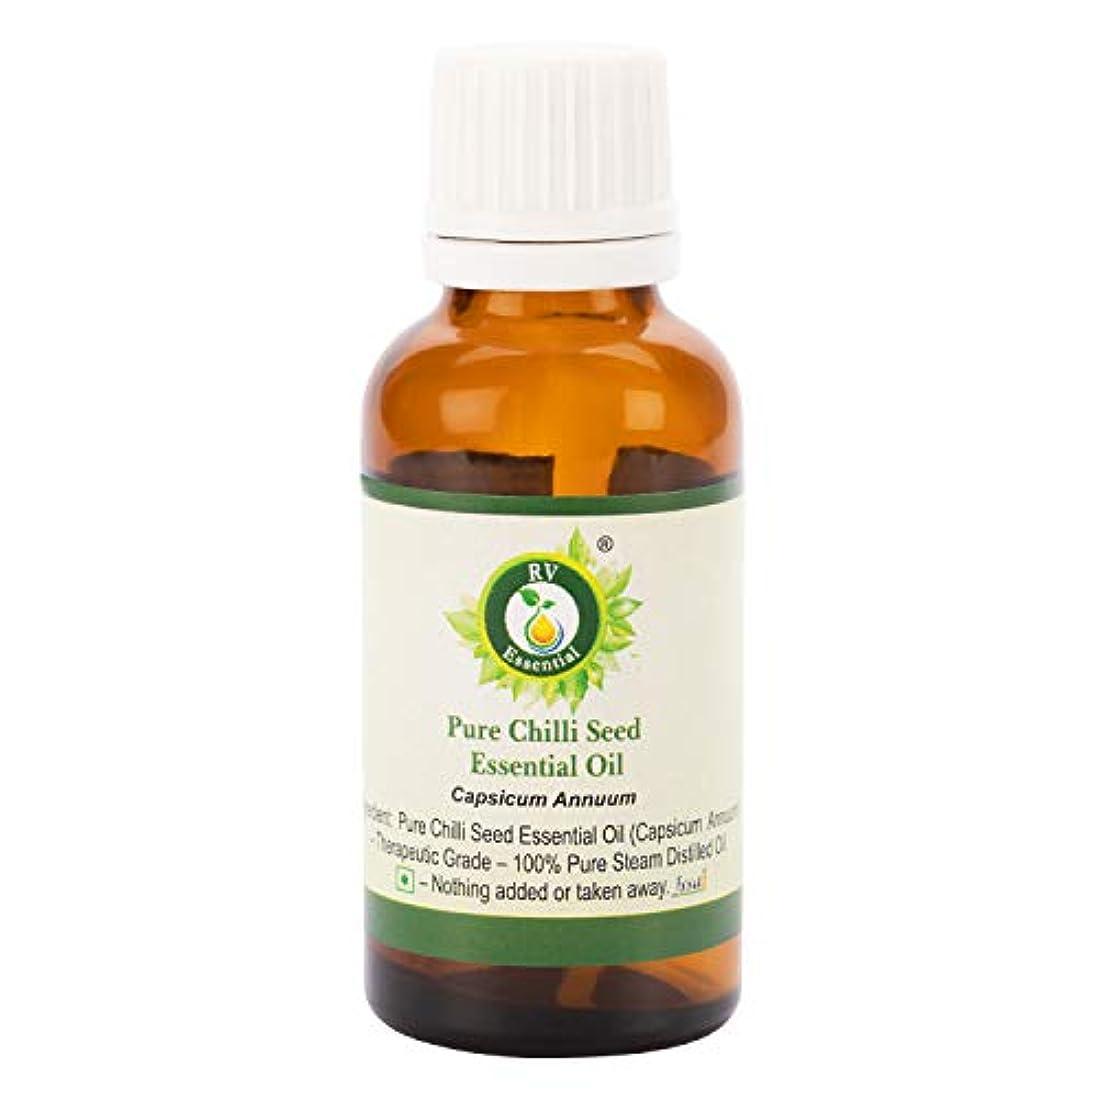 乳白遺産くまピュアチリシードエッセンシャルオイル100ml (3.38oz)- Capsicum Annuum (100%純粋&天然スチームDistilled) Pure Chilli Seed Essential Oil